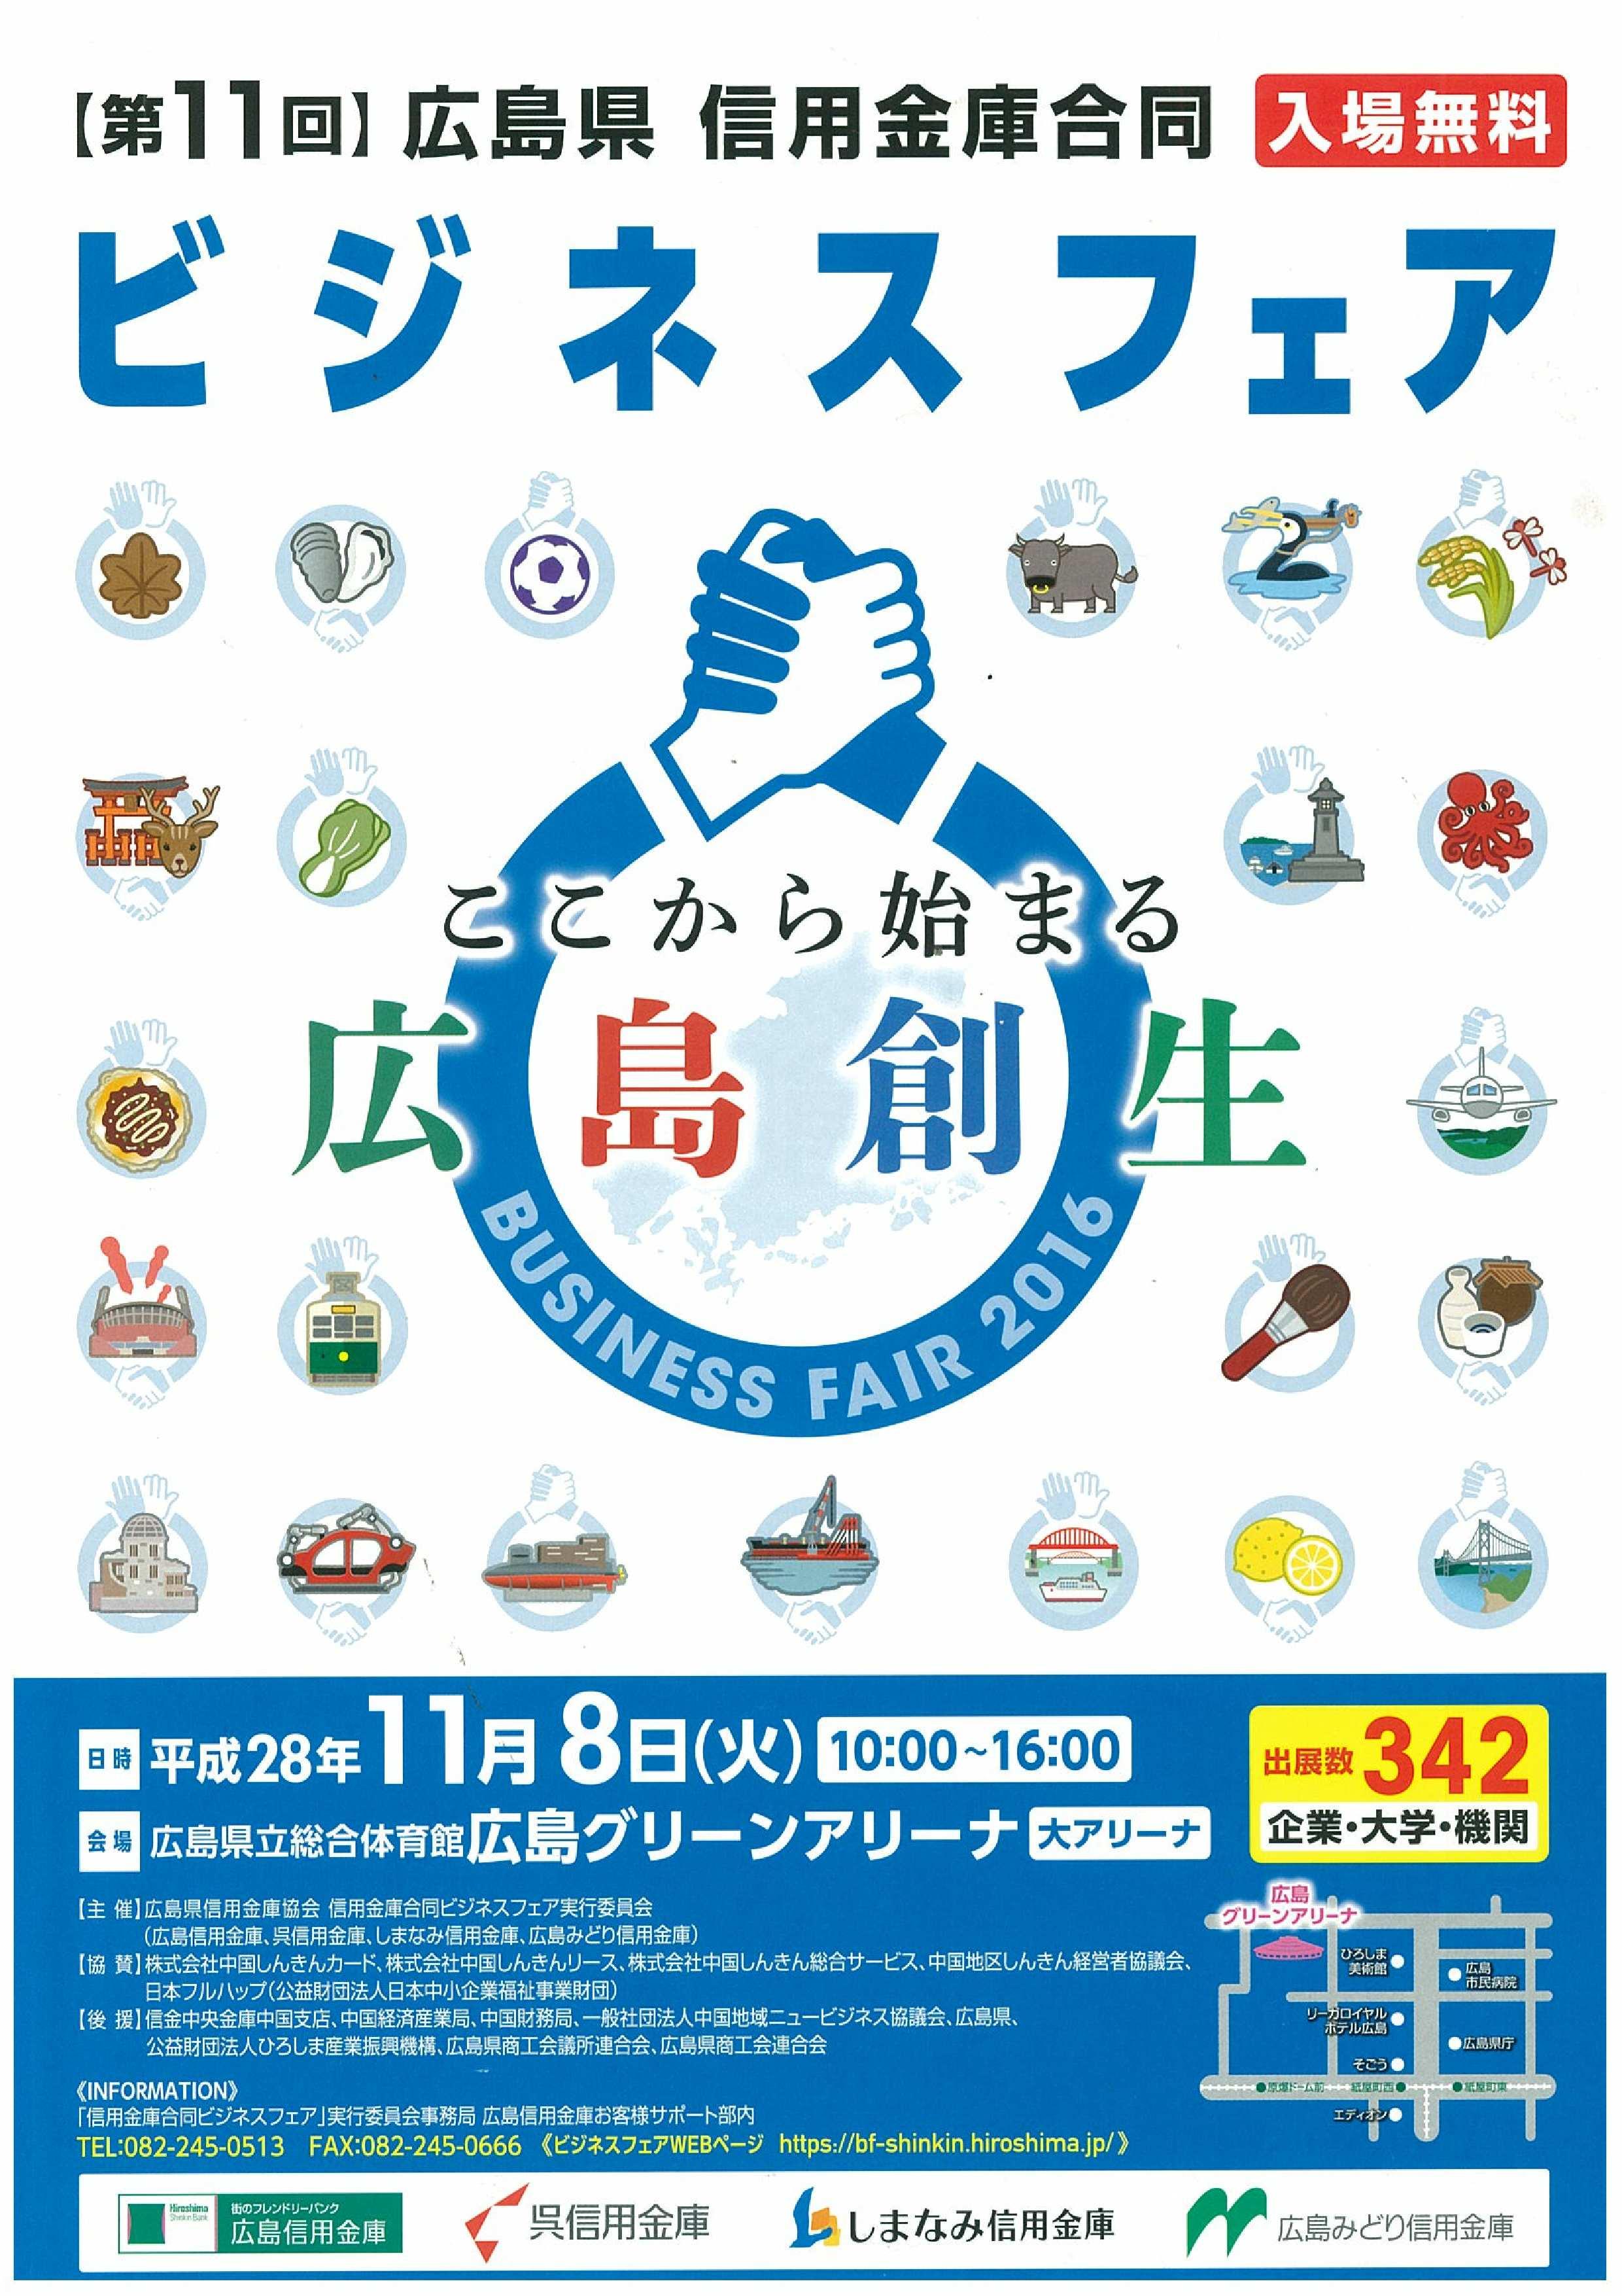 ビジネスフェア広島グリーンアリーナ2016